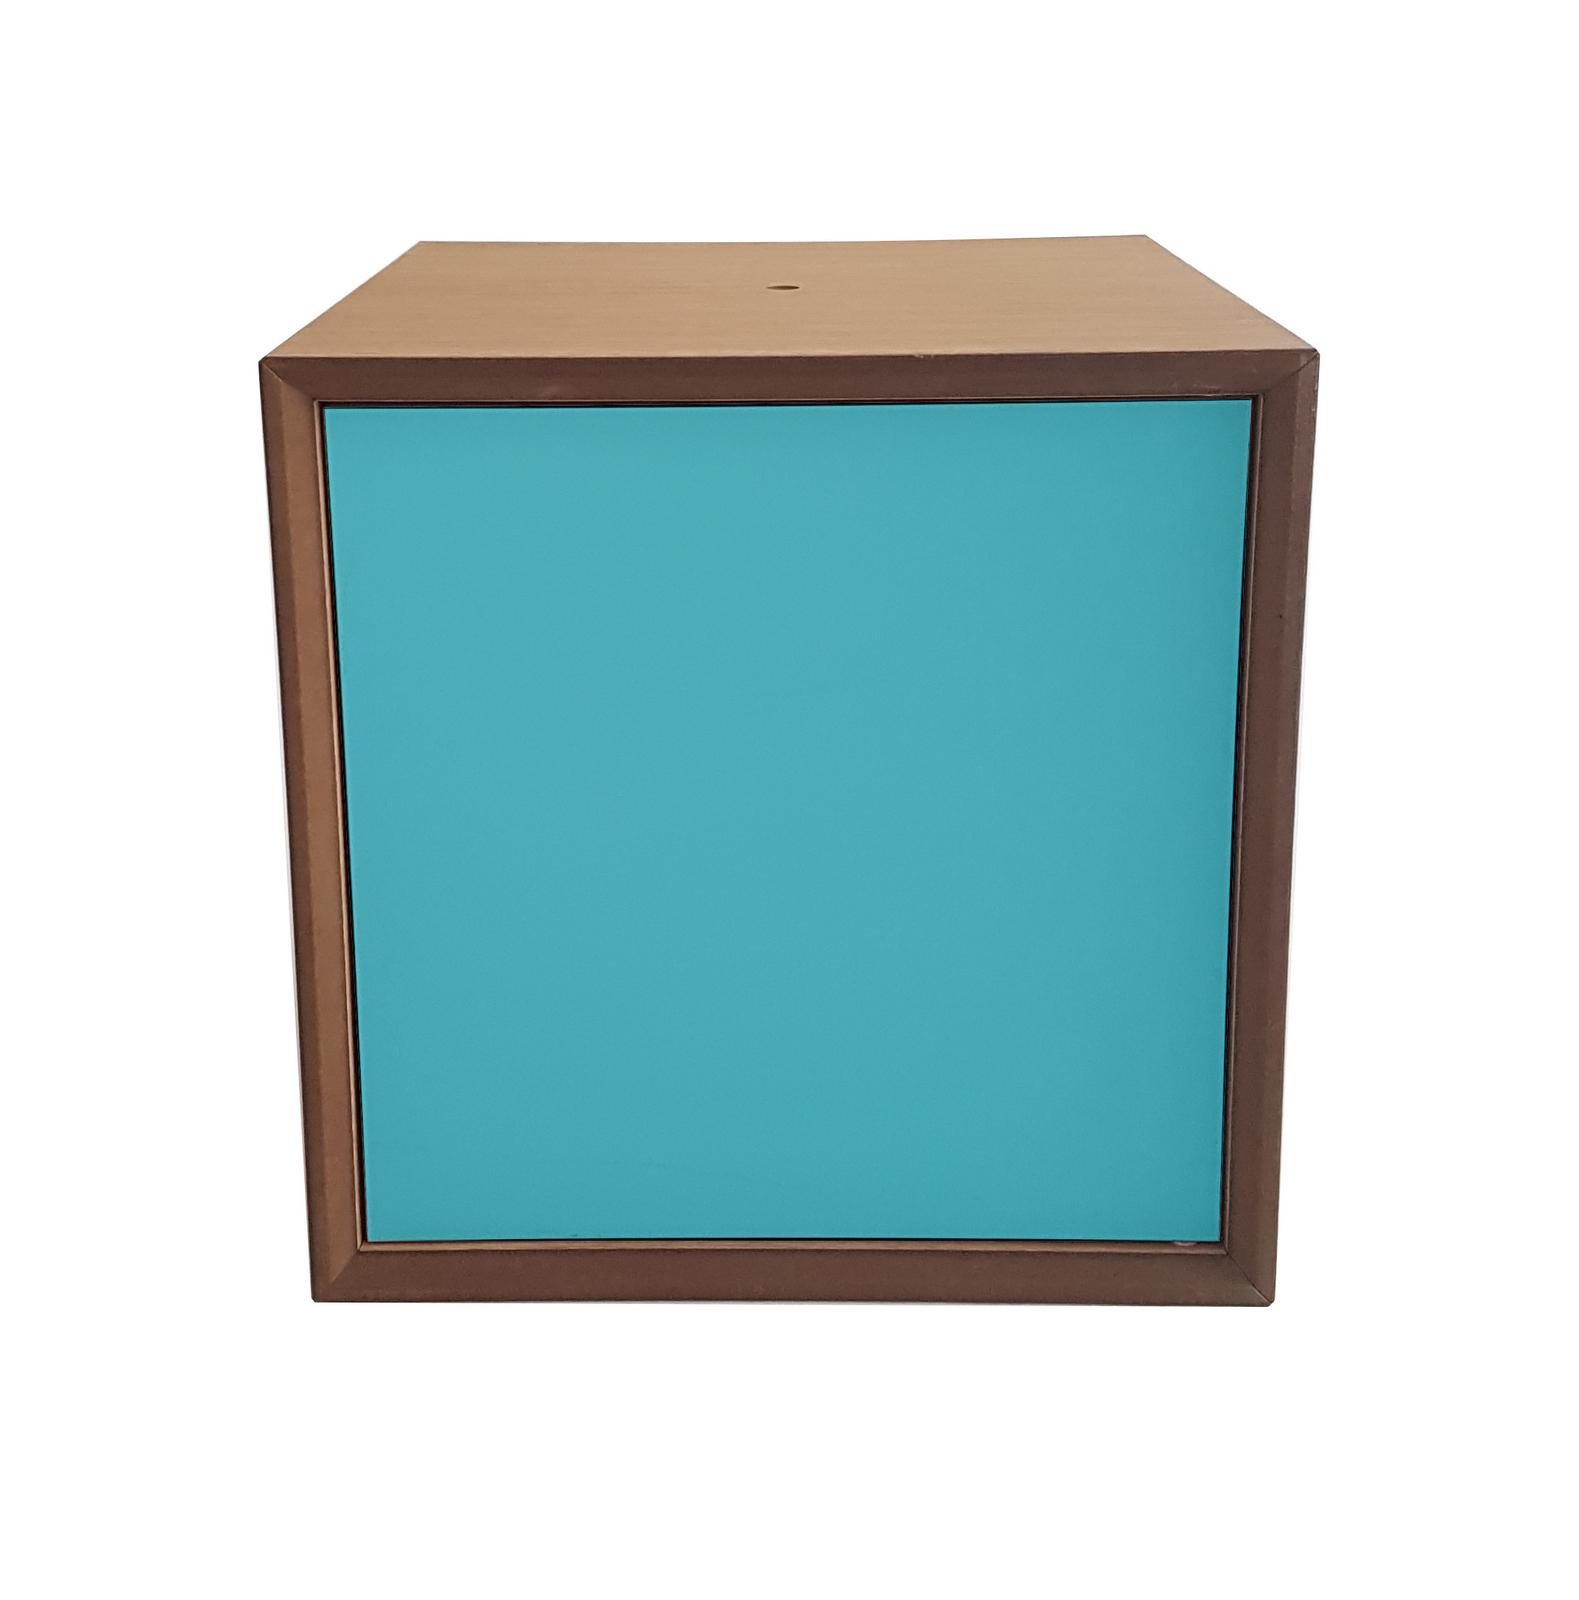 Dulap modular Pixel Dark Turquoise, l40xA40xH40 cm